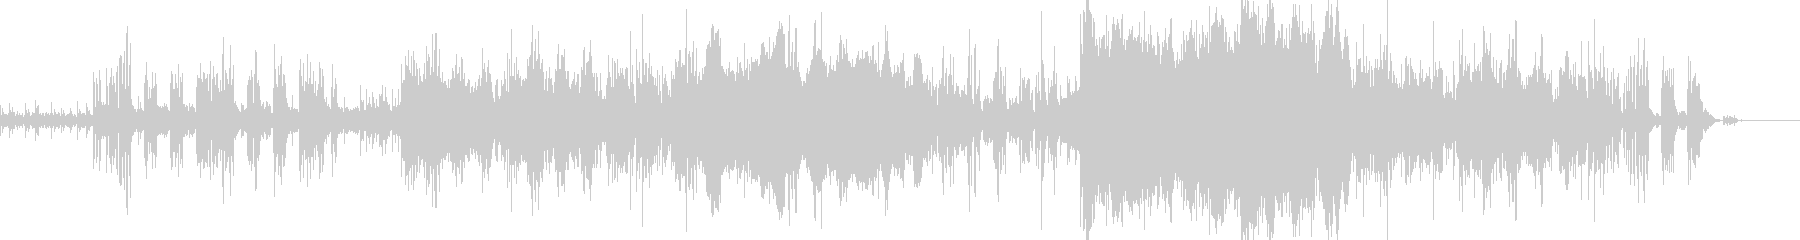 チャイコフスキー 上品なエレクトロ CMの未再生の波形